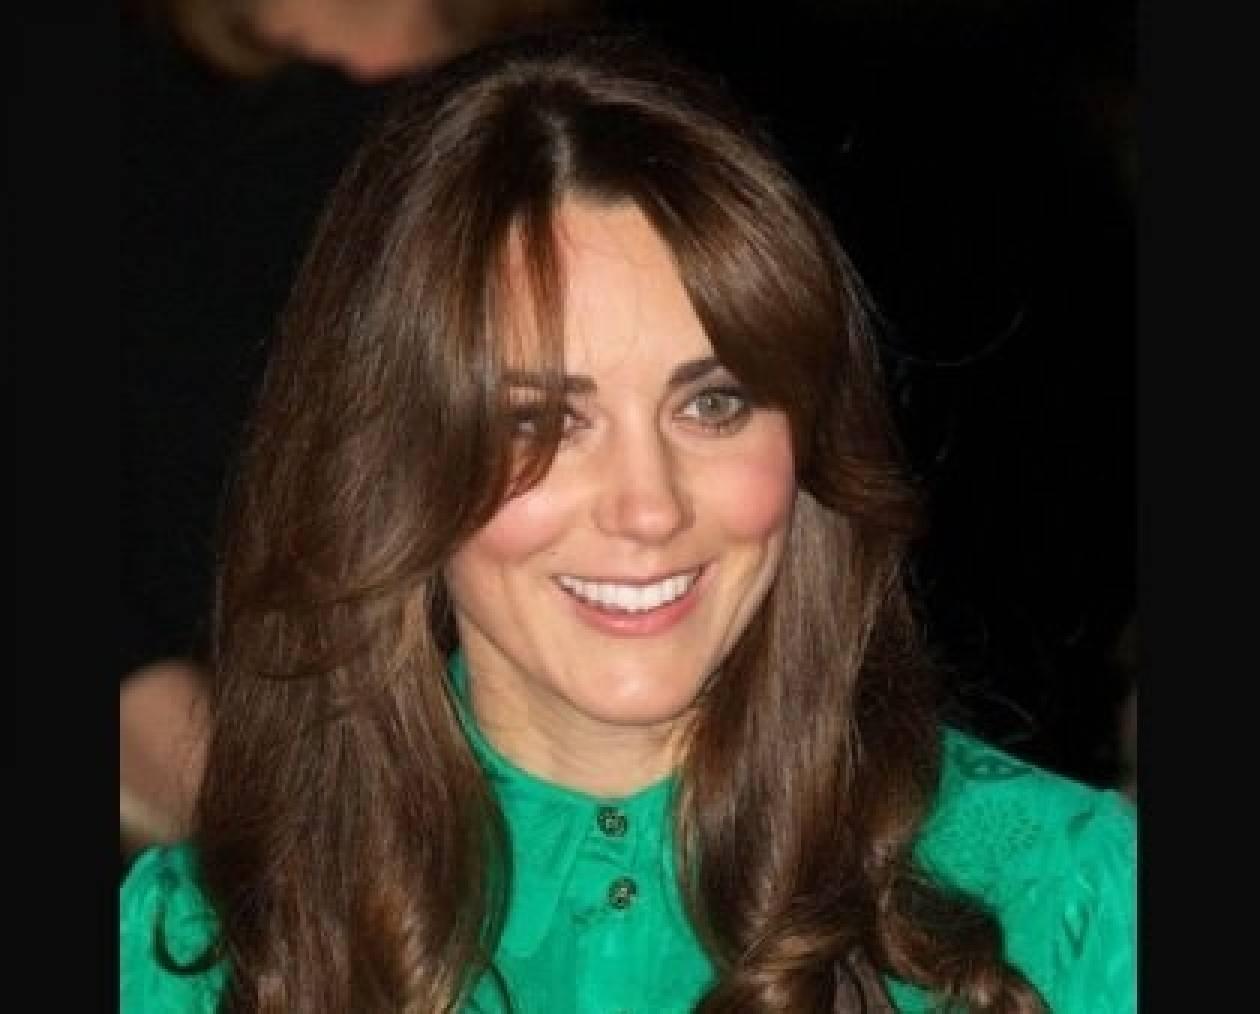 Η Kate Middleton άλλαξε κουπ!